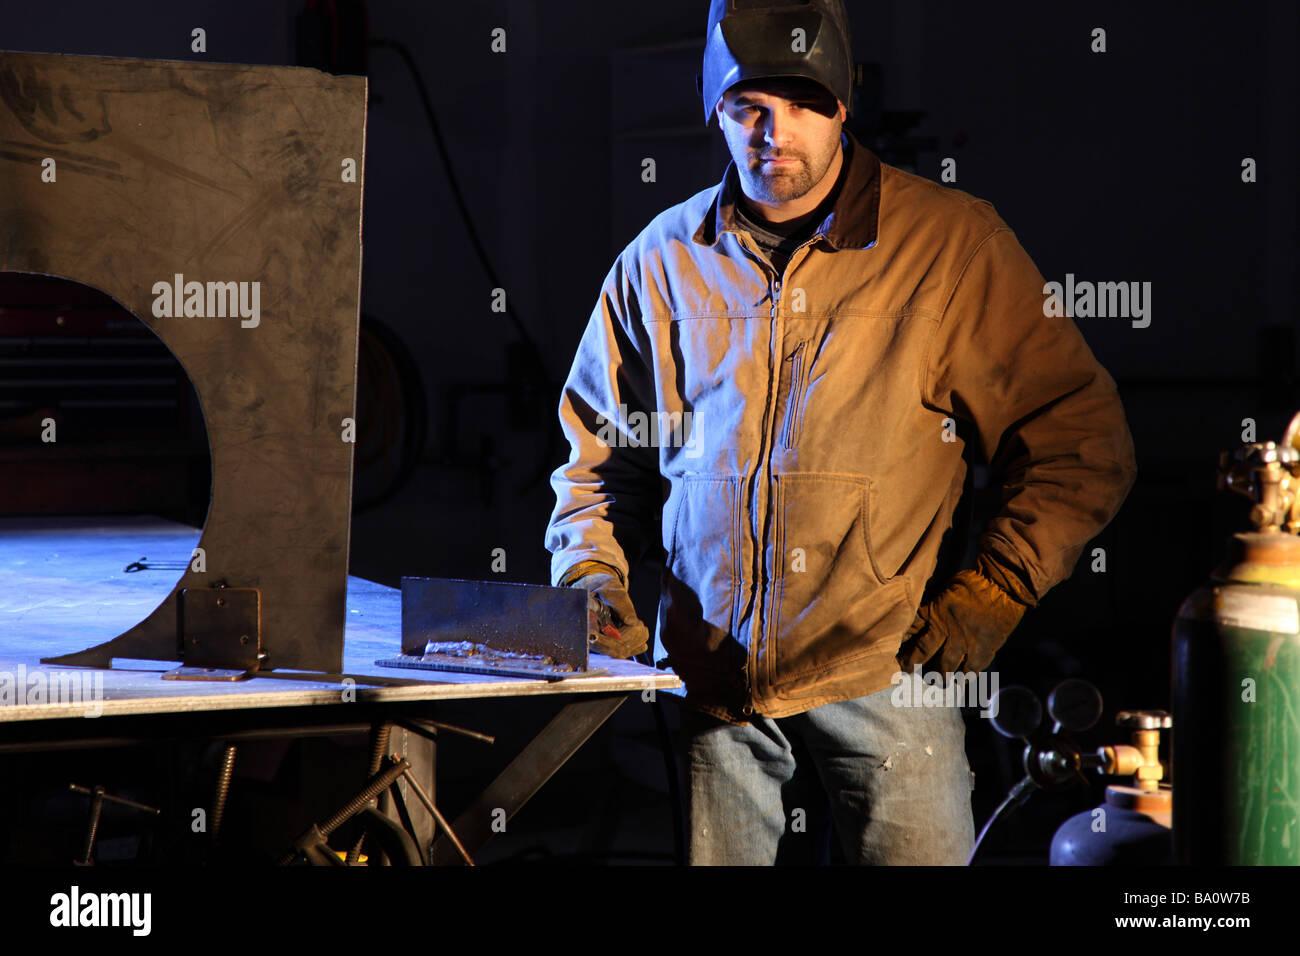 Porträt der Metallarbeiter im shop Stockbild